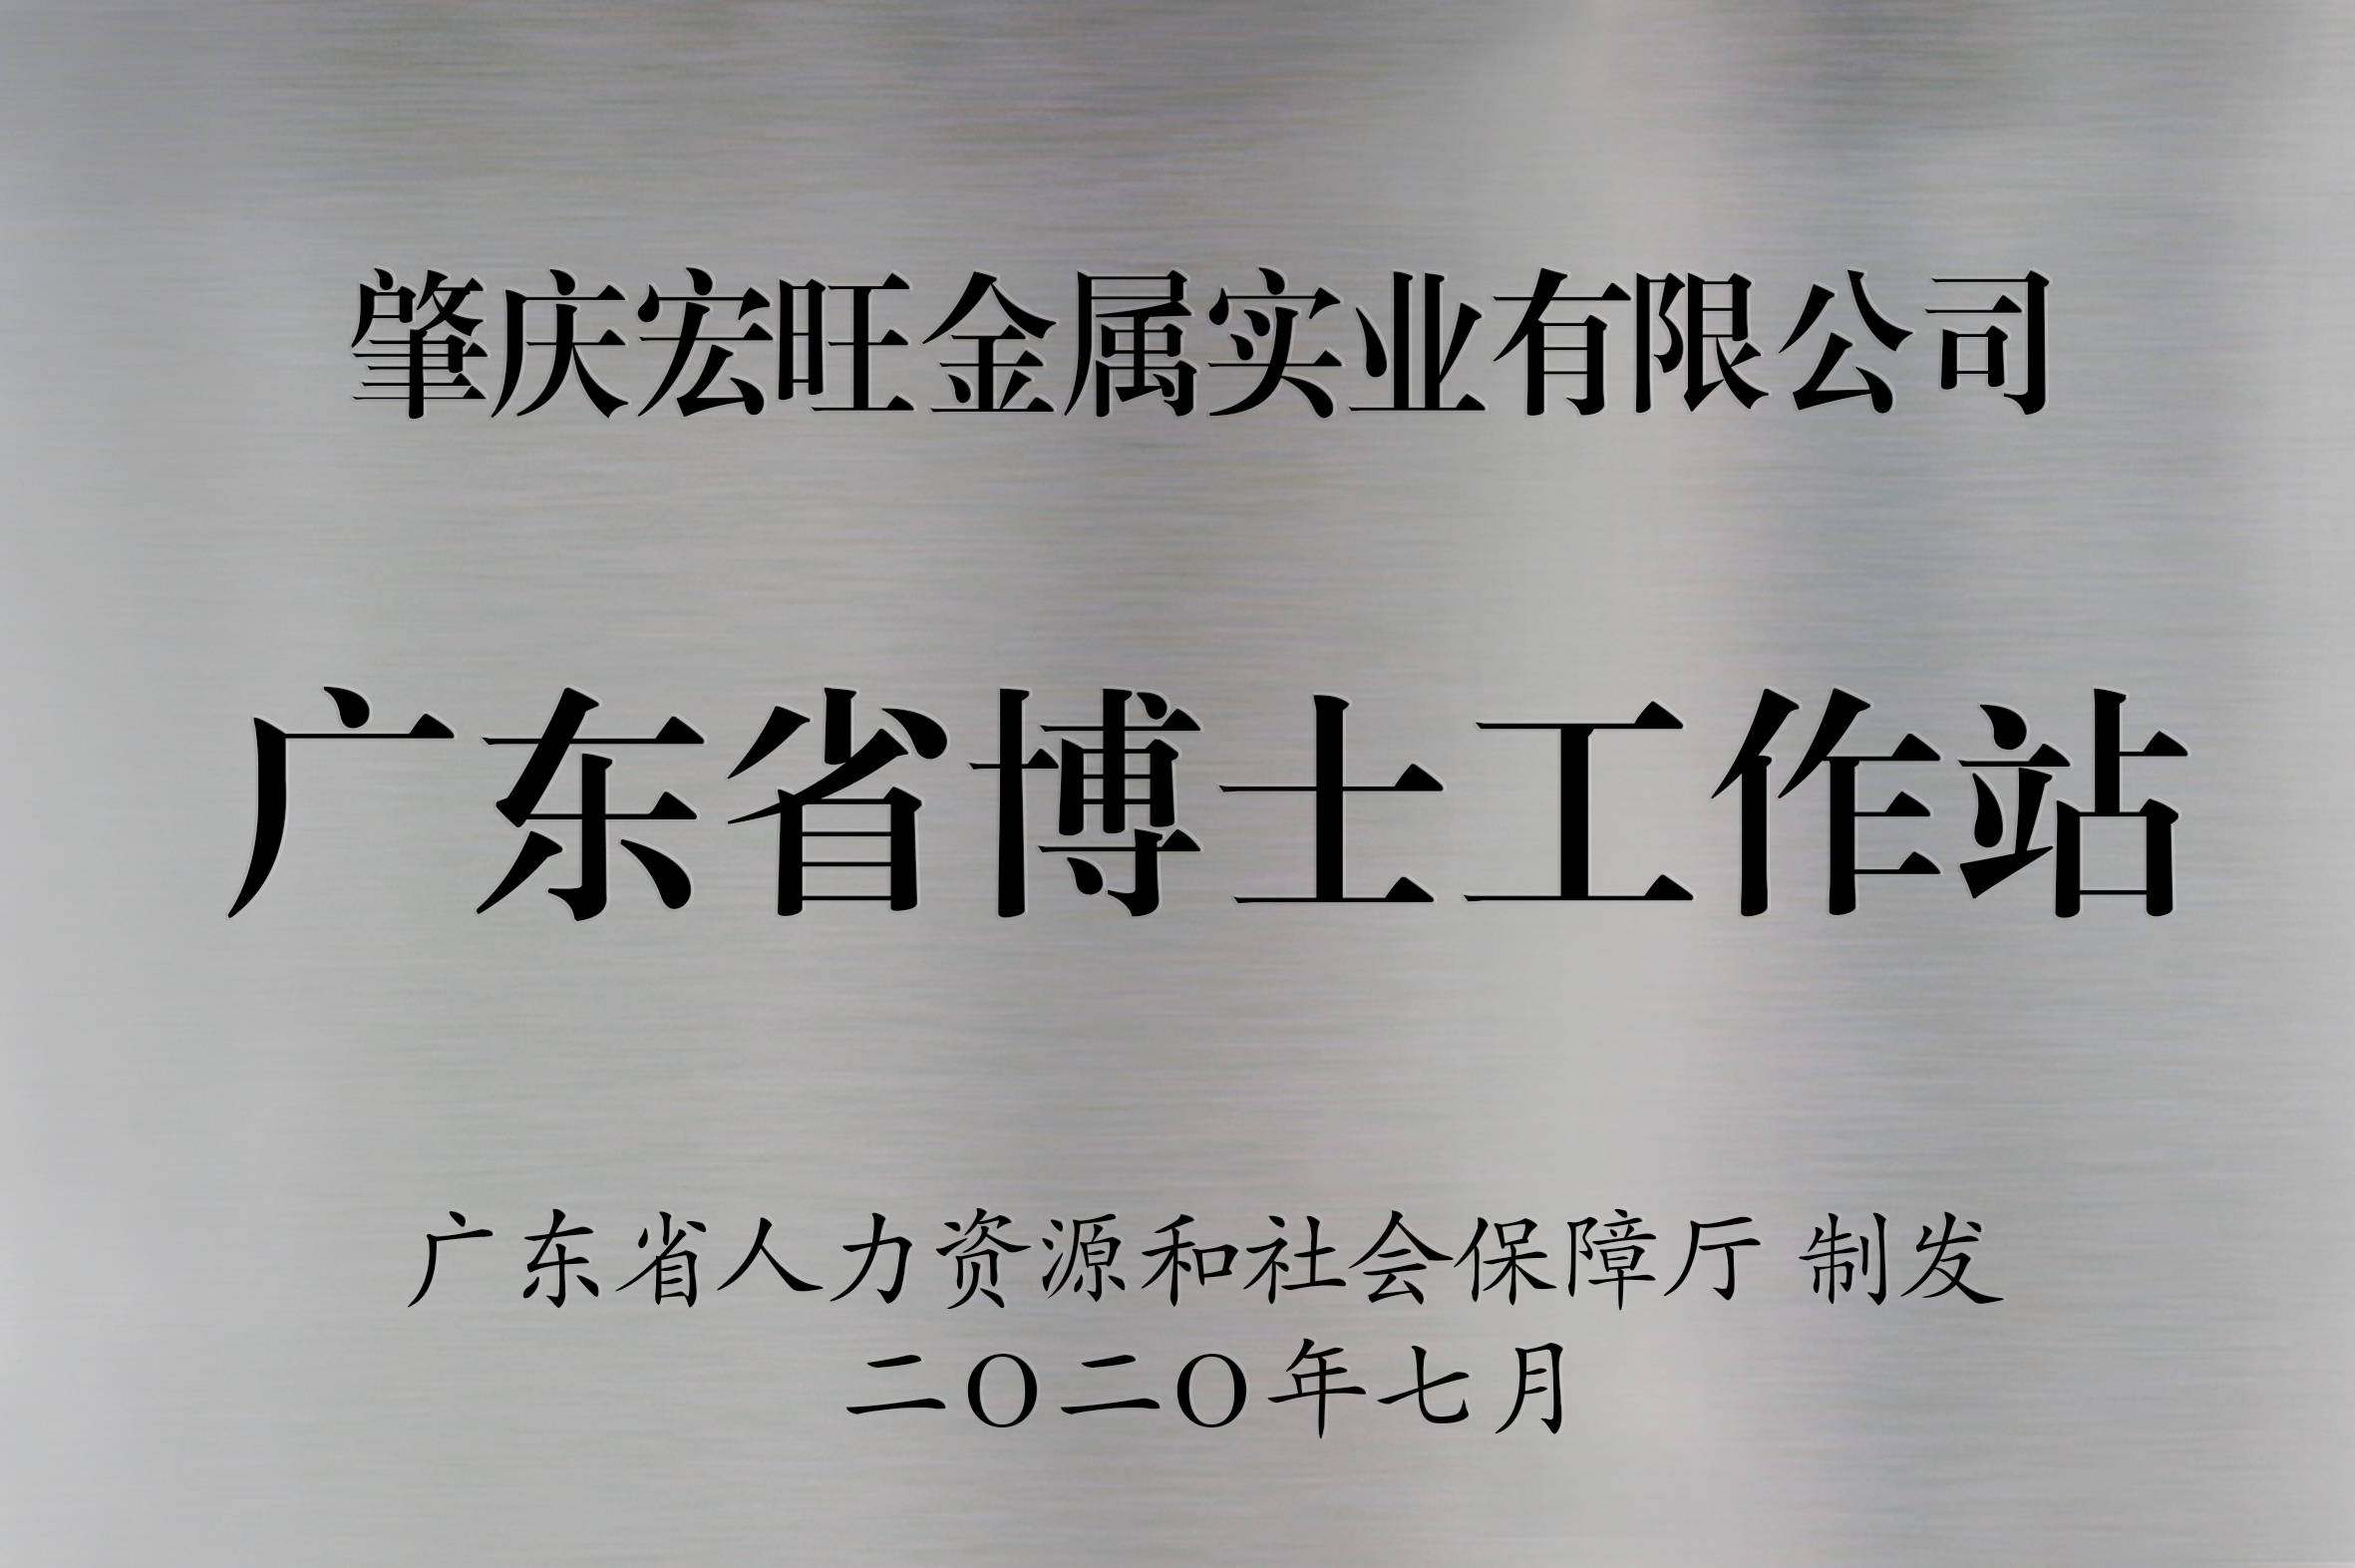 肇庆雷竞技官网获批设立广东省博士工作站